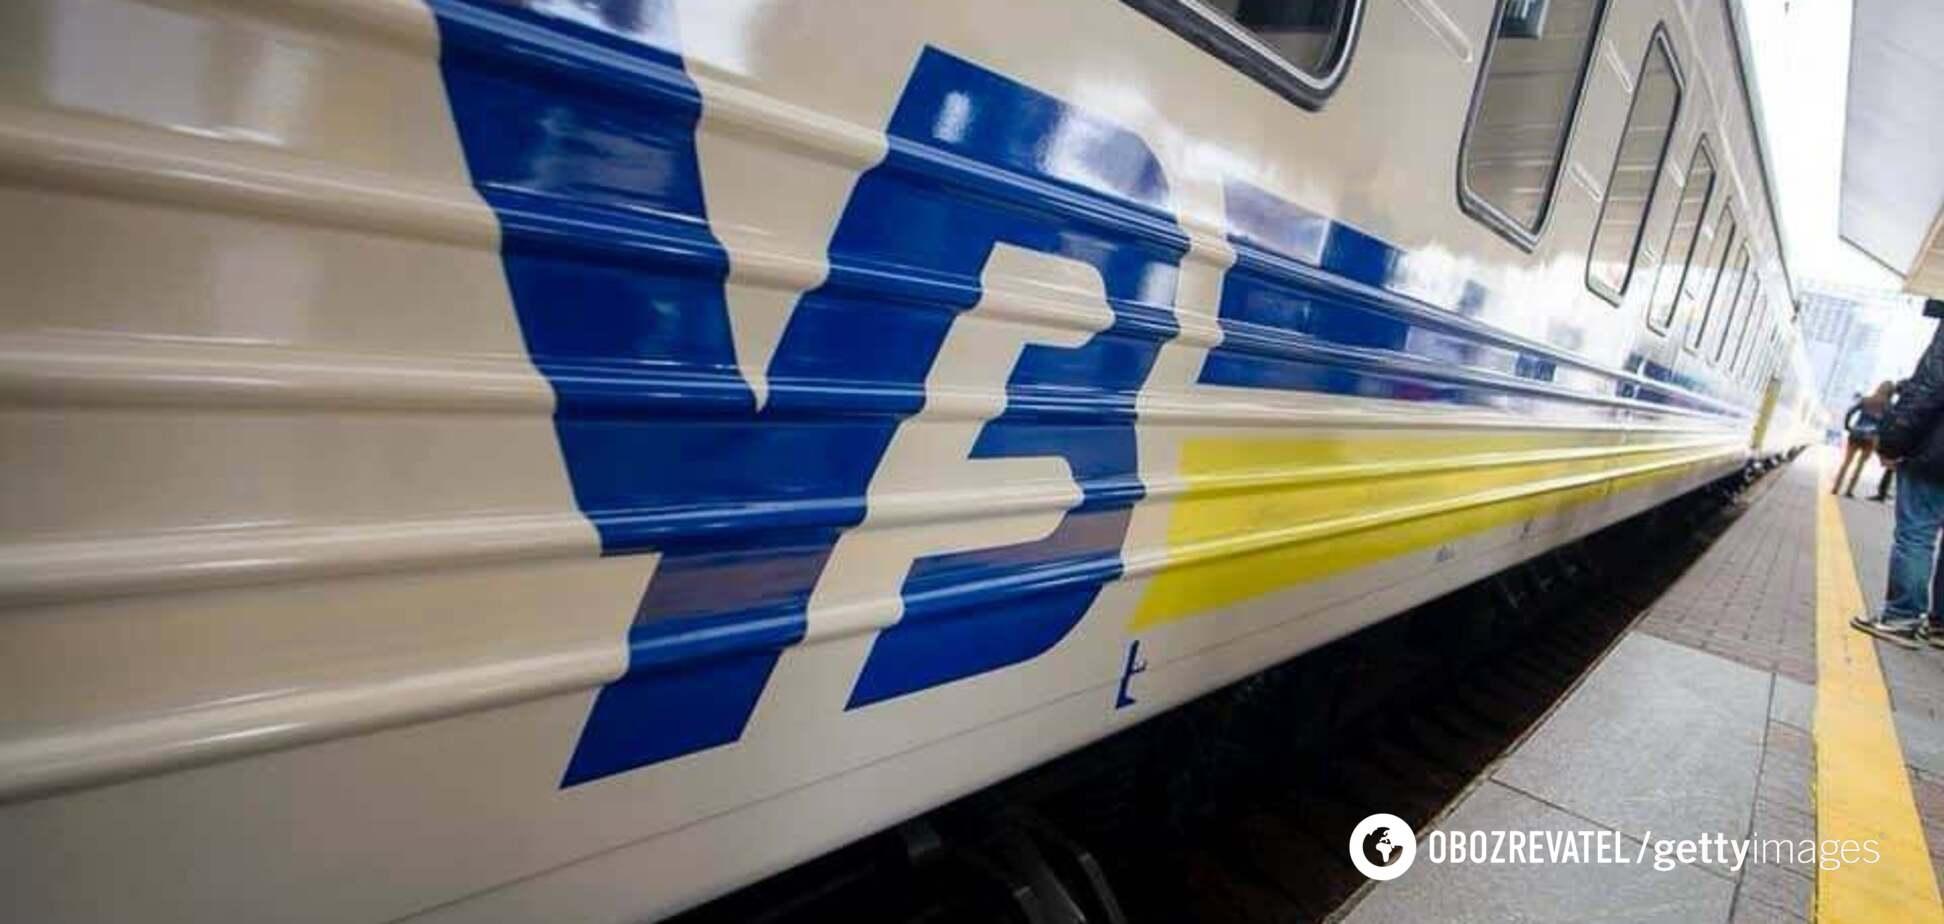 Пасажирка поїзда поскаржилася на ціни квитків